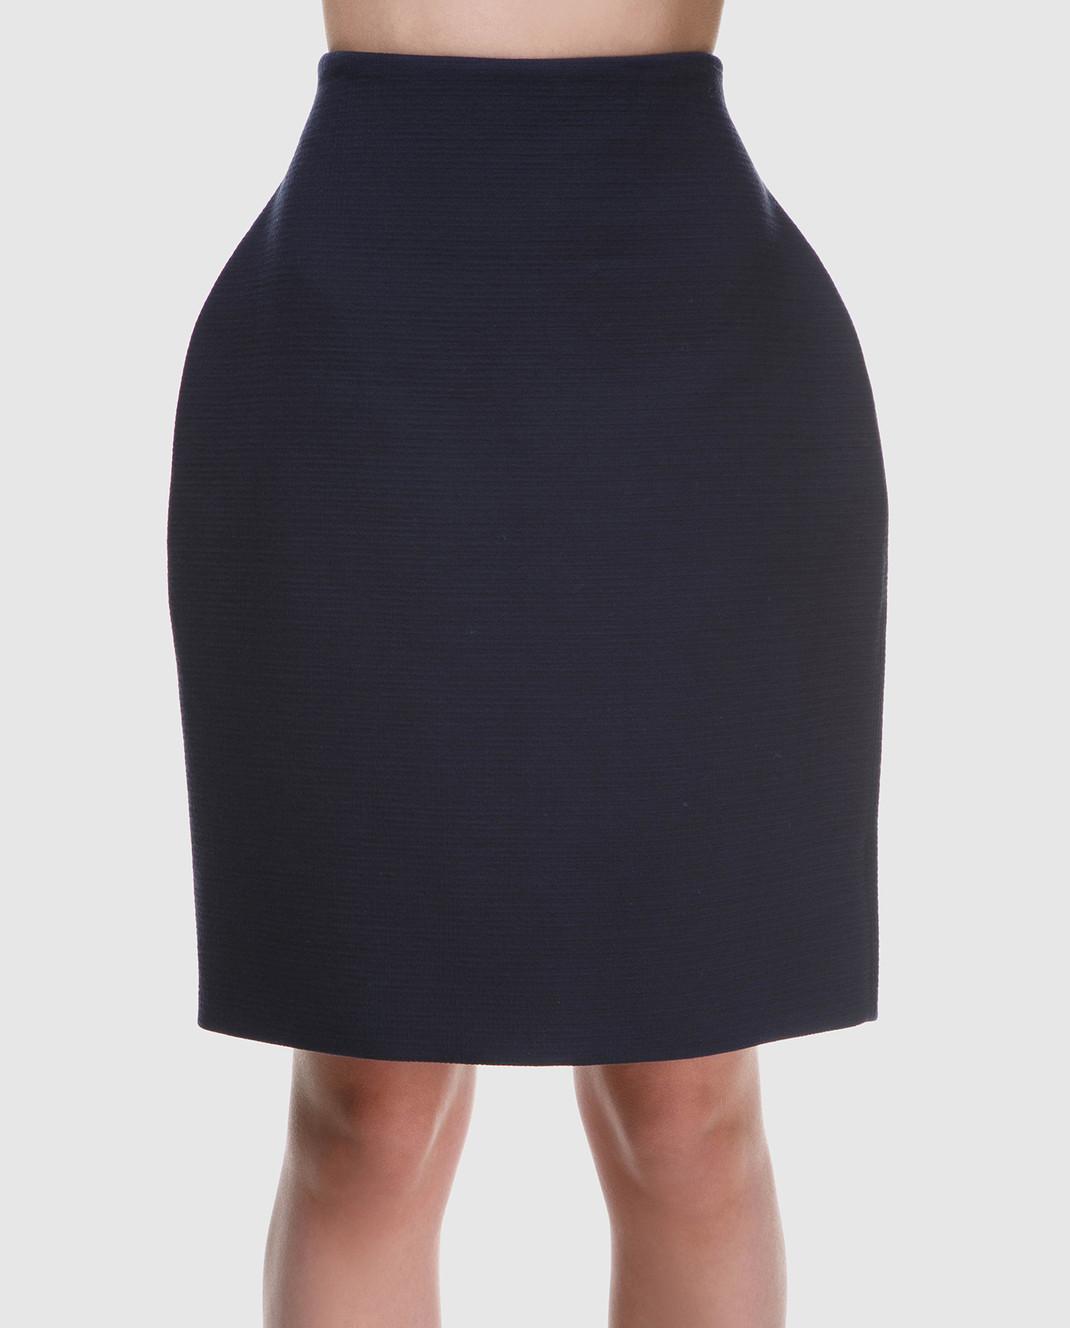 NINA RICCI Темно-синяя юбка 18PCJU002C00864 изображение 3